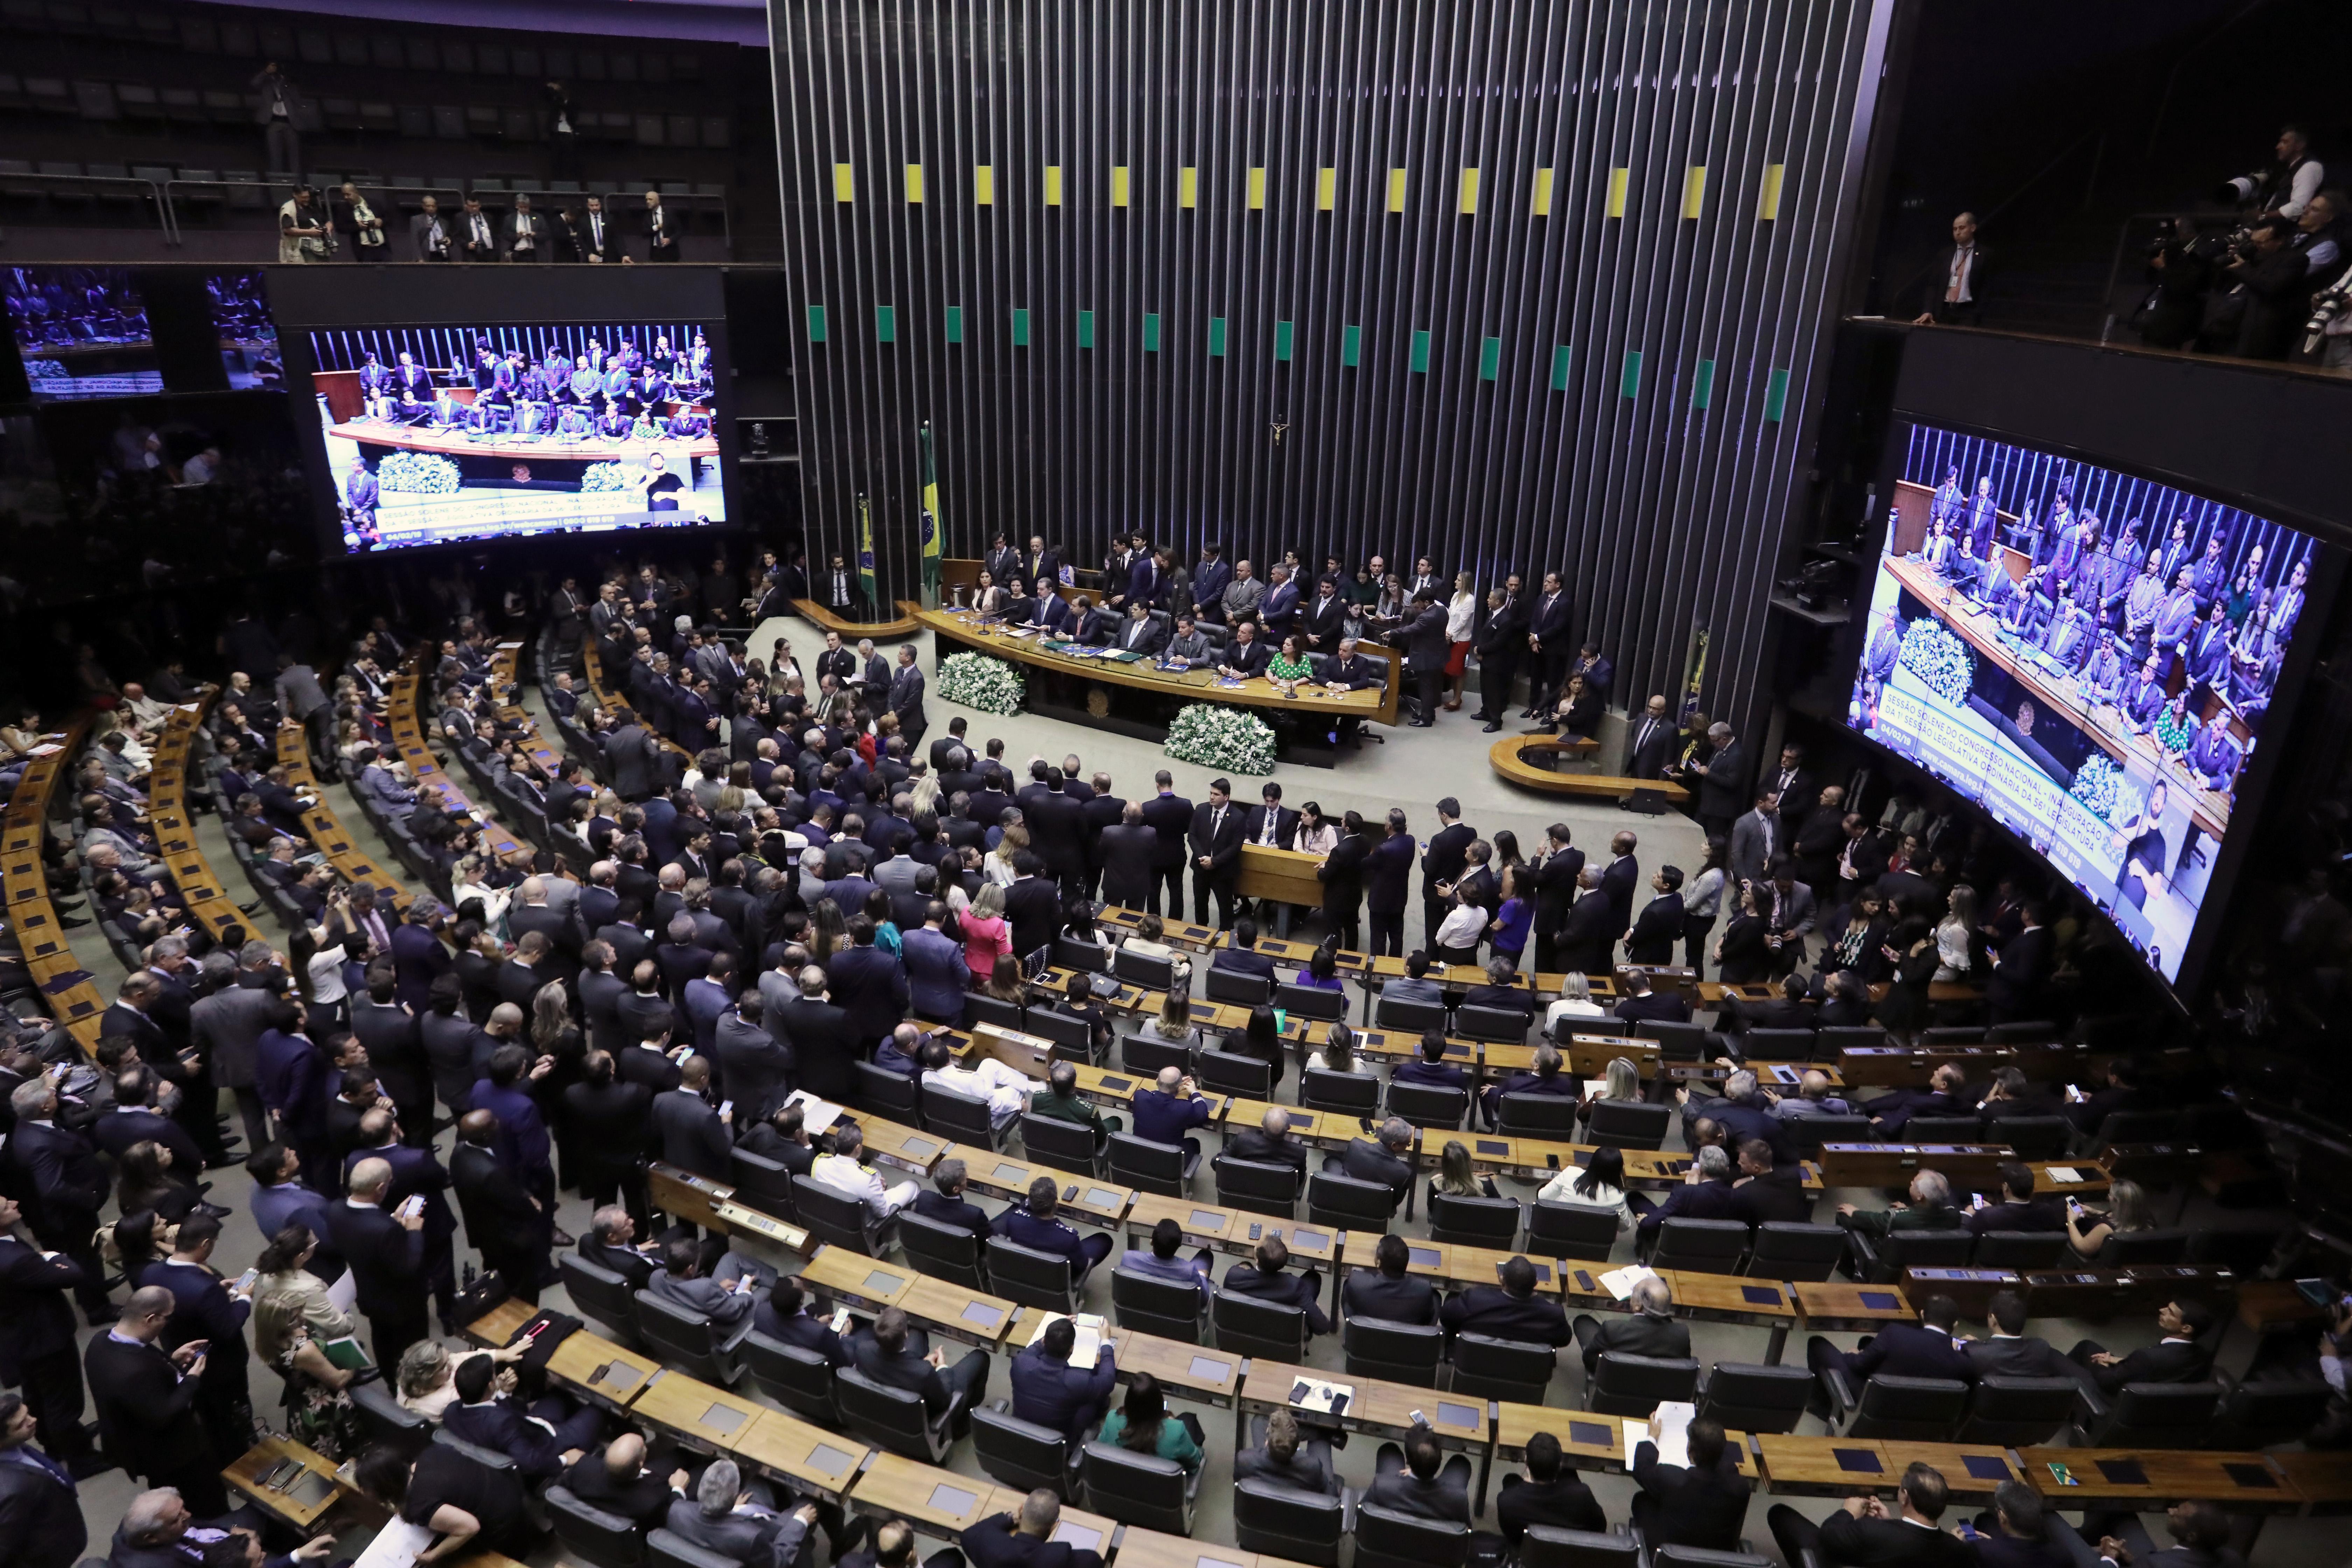 O Congresso Nacional inicia hoje os trabalhos legislativos de 2019, em sessão solene conjunta da Câmara e do Senado